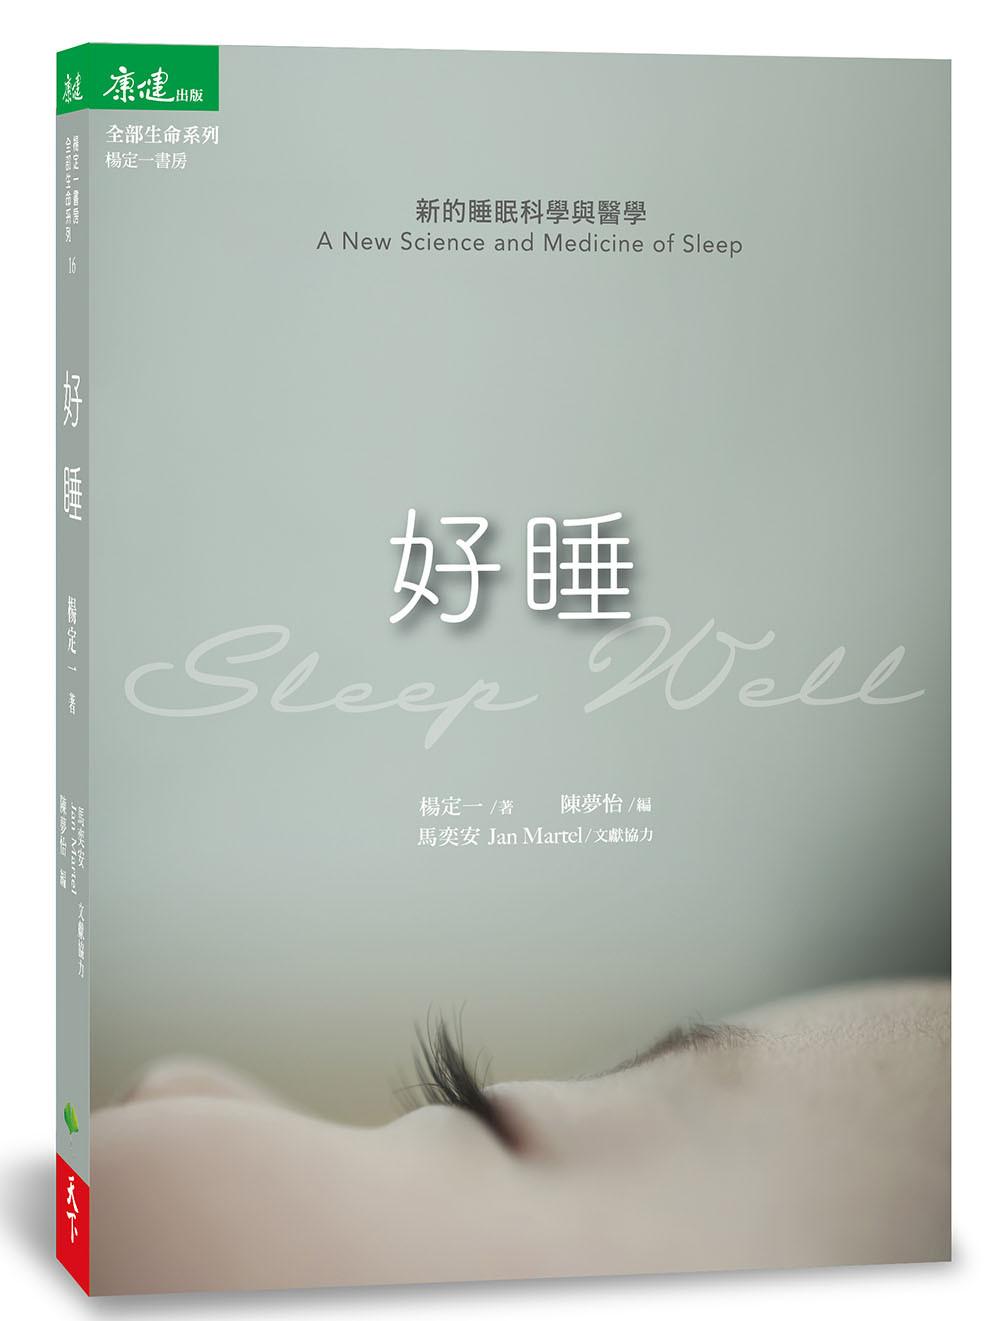 ▲▼《好睡:新的睡眠科學與醫學》。(圖/天下生活出版提供)